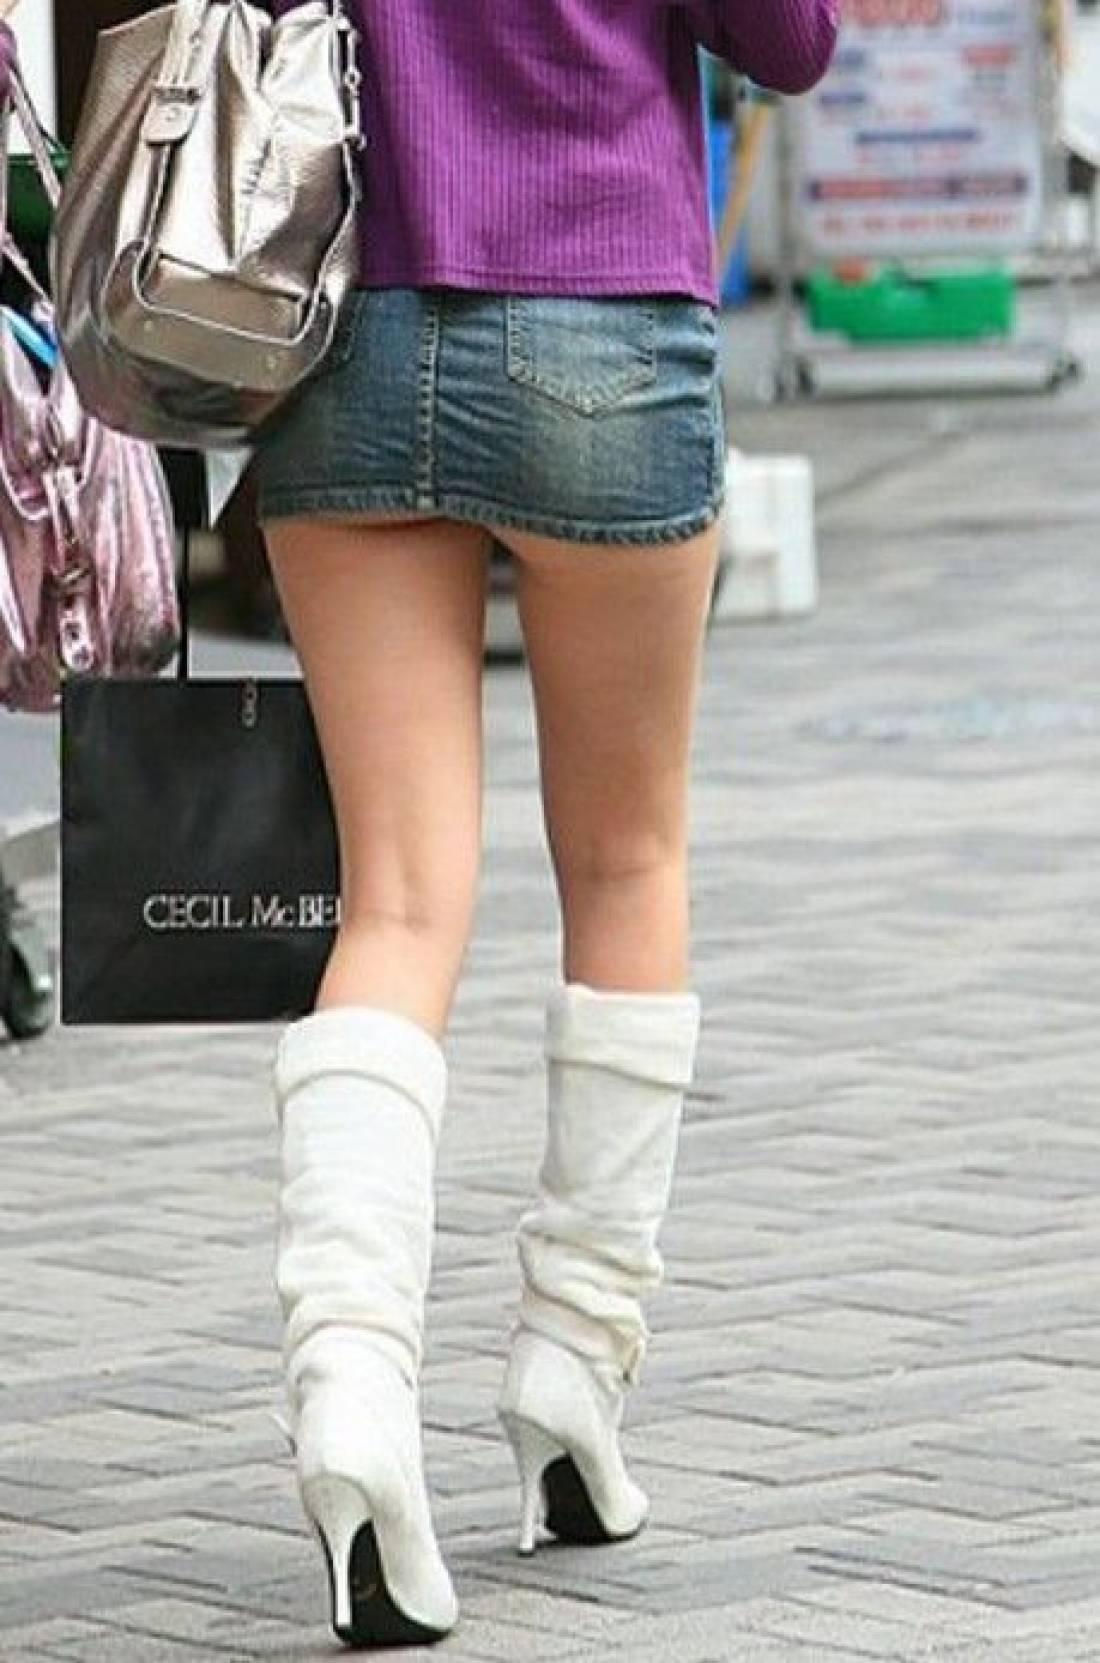 【ミニスカエロ画像】パンツの出番が期待されるデニミニスカートギャルの尻www 06